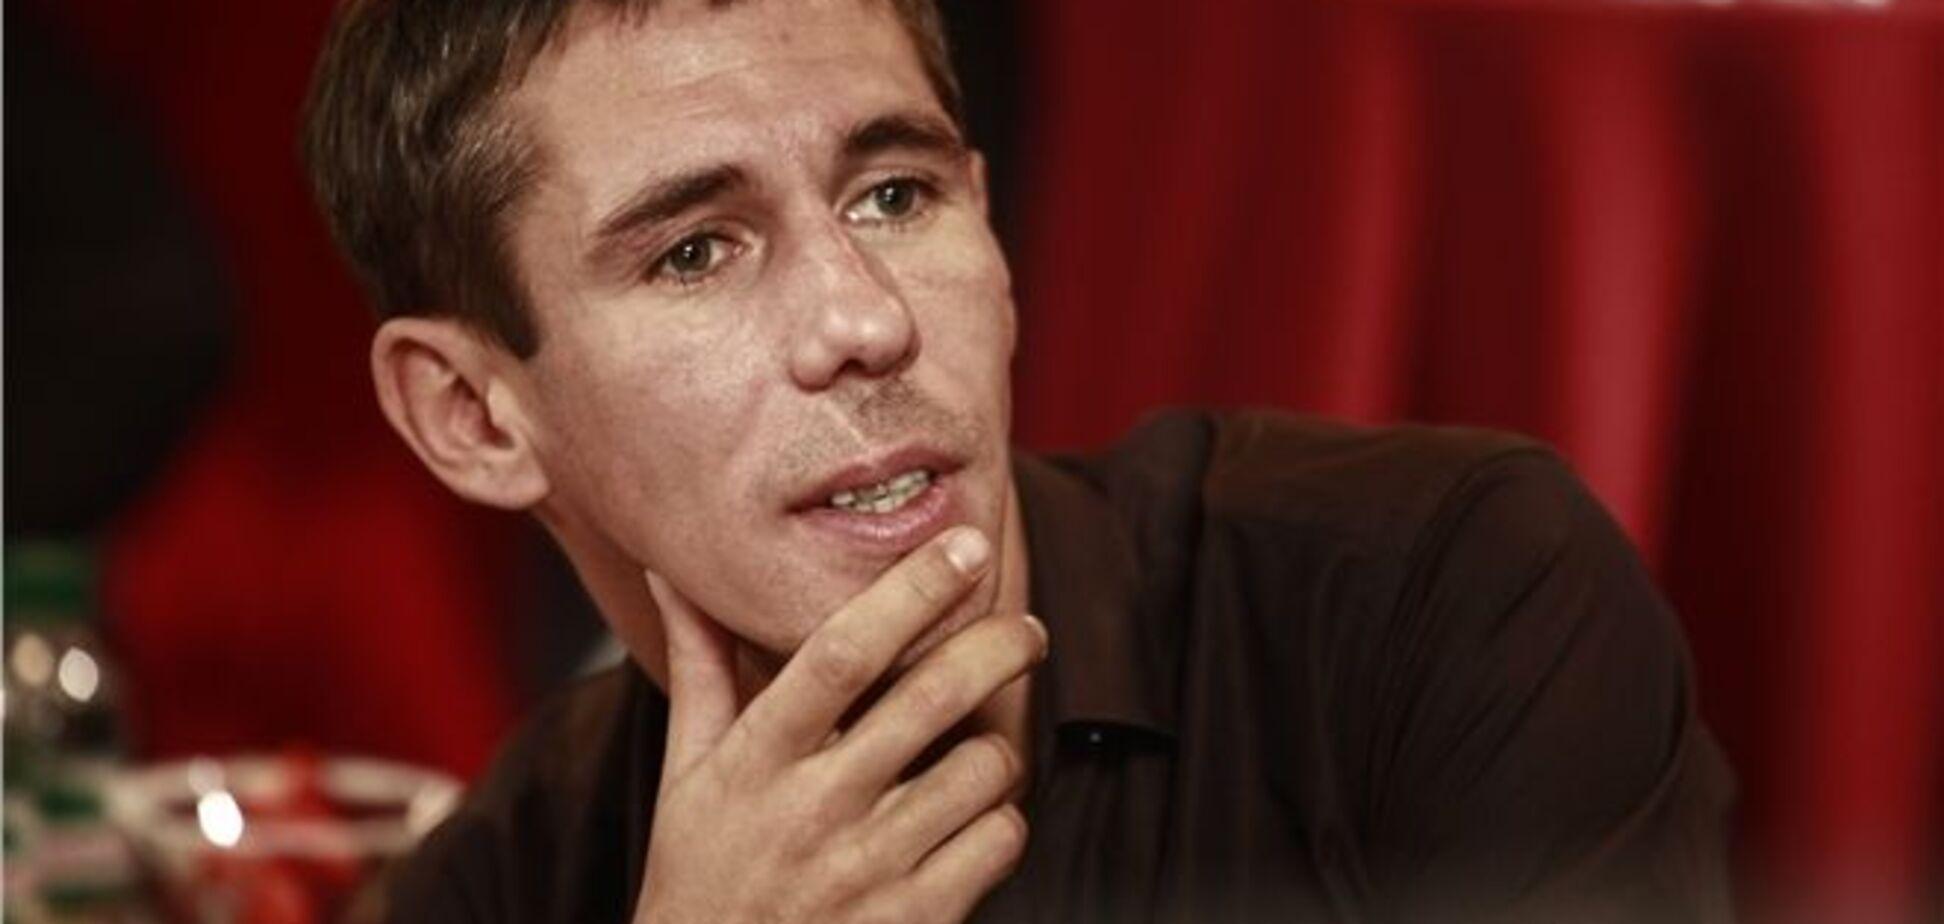 Комиссия по морали 'молниеносно' отреагировала на ксенофобию Панина